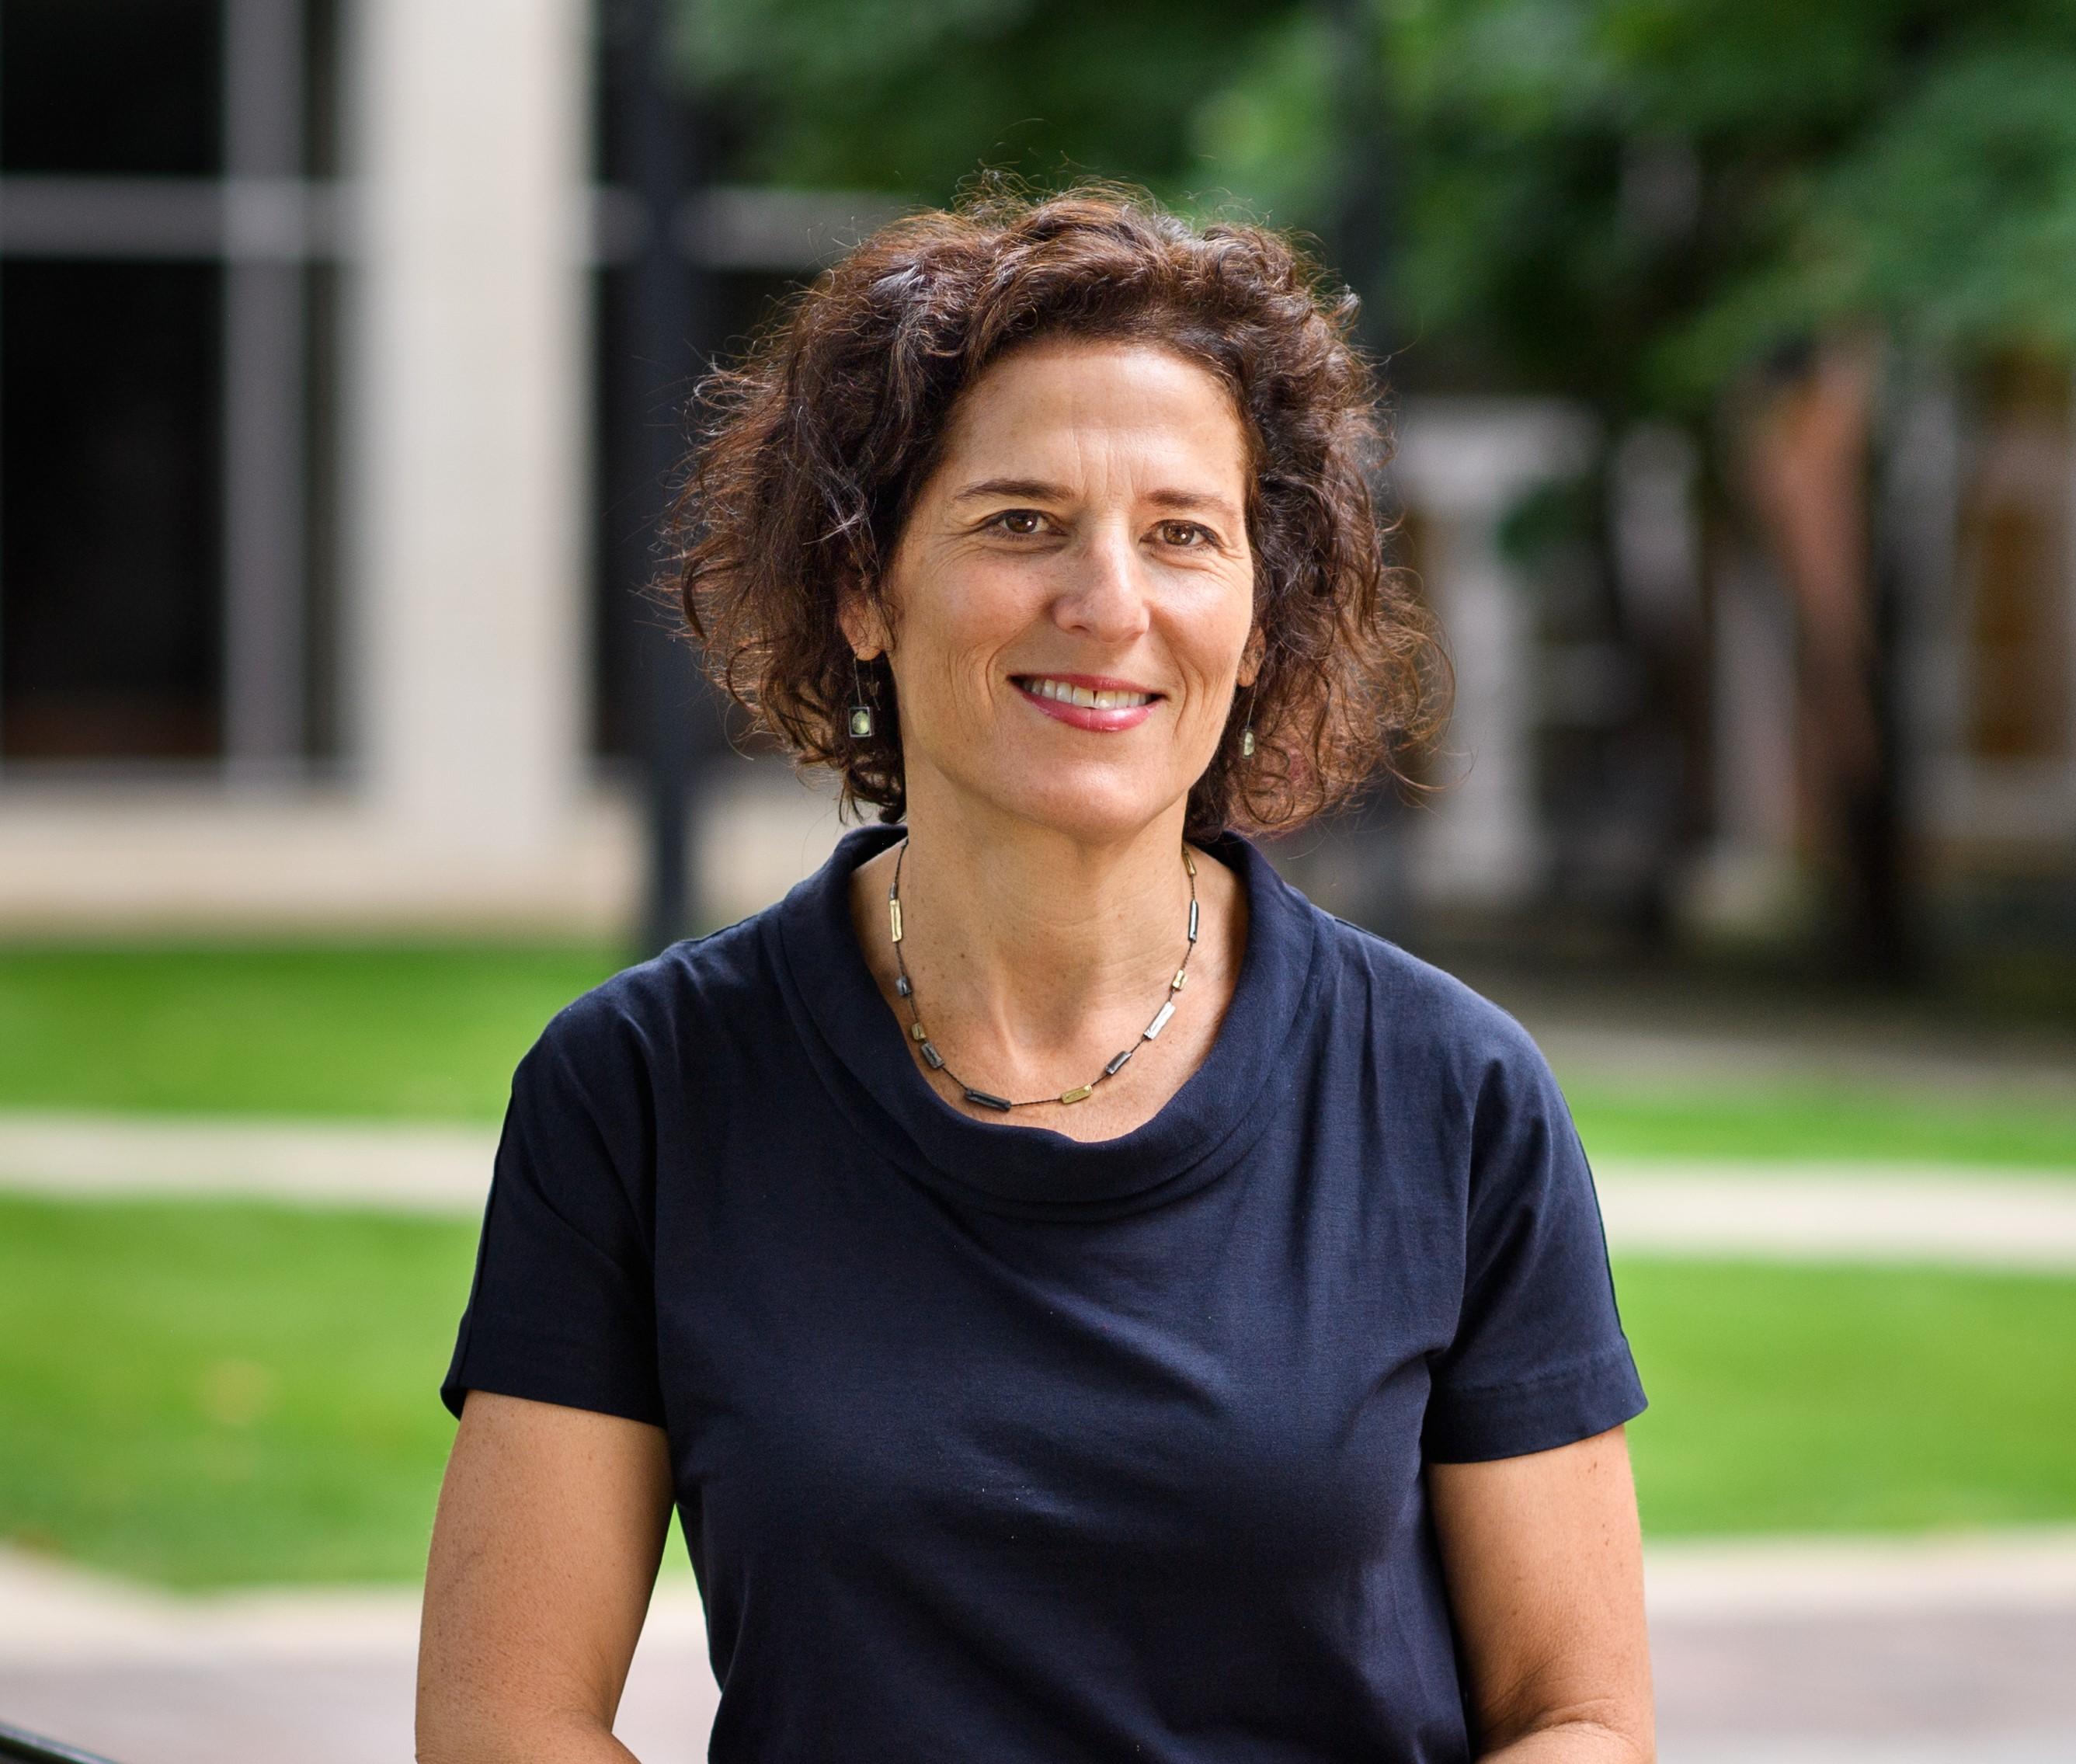 Ellen P. Goodman